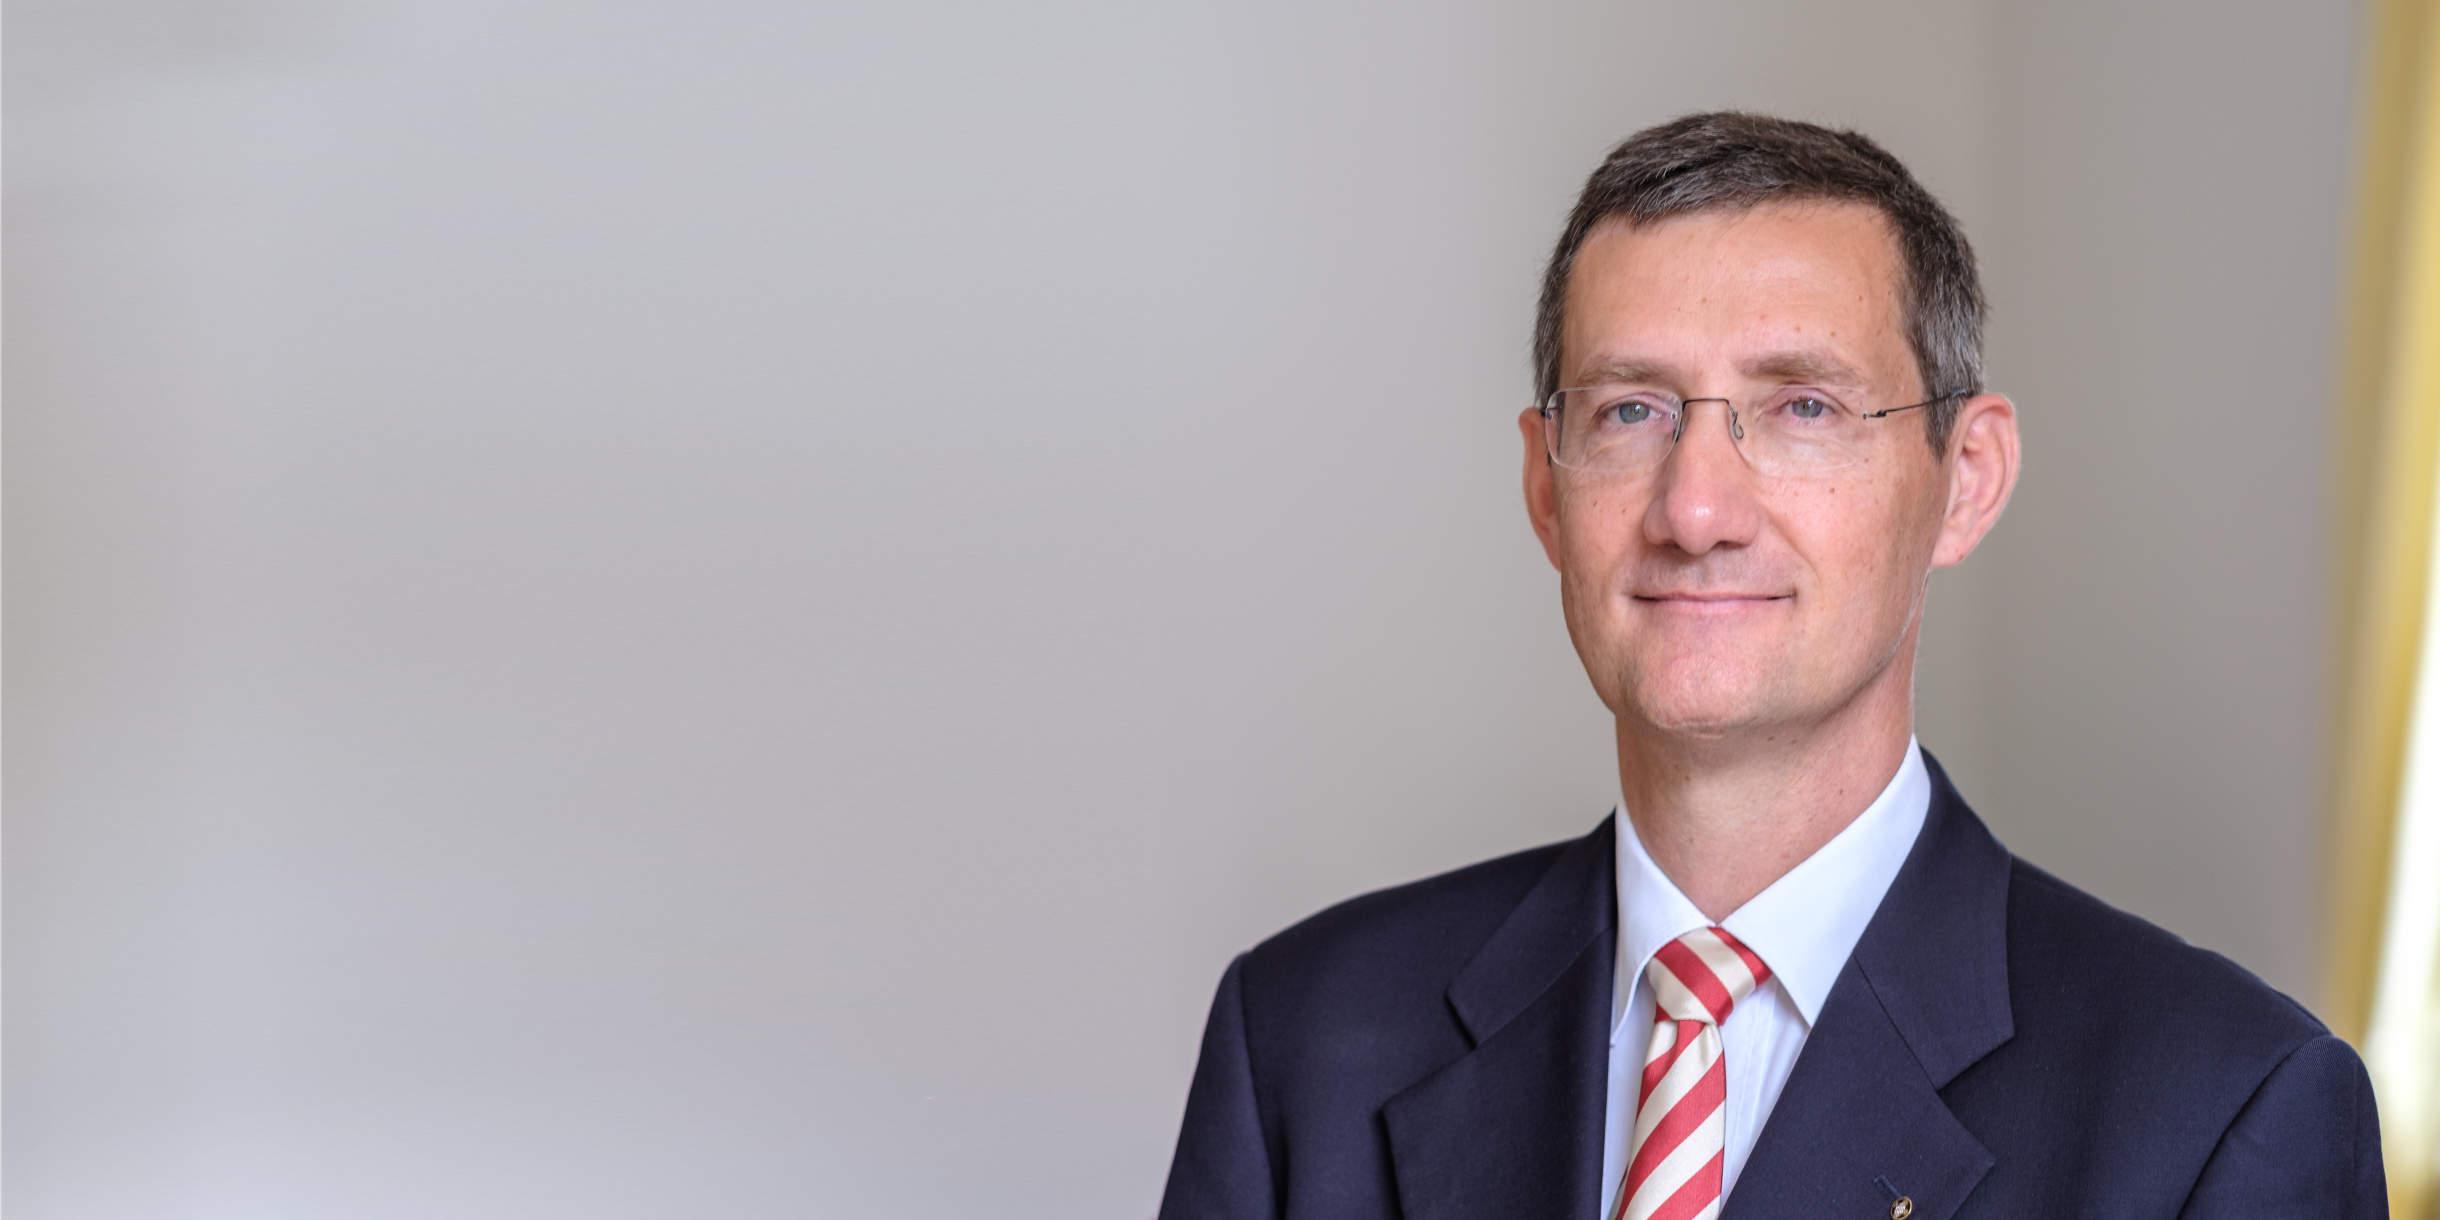 Porträtfoto von Rechtsanwalt Felix Offermann - Kanzlei für Erbrecht, Vorsorge, Immobilienrecht und Arbeitsrecht